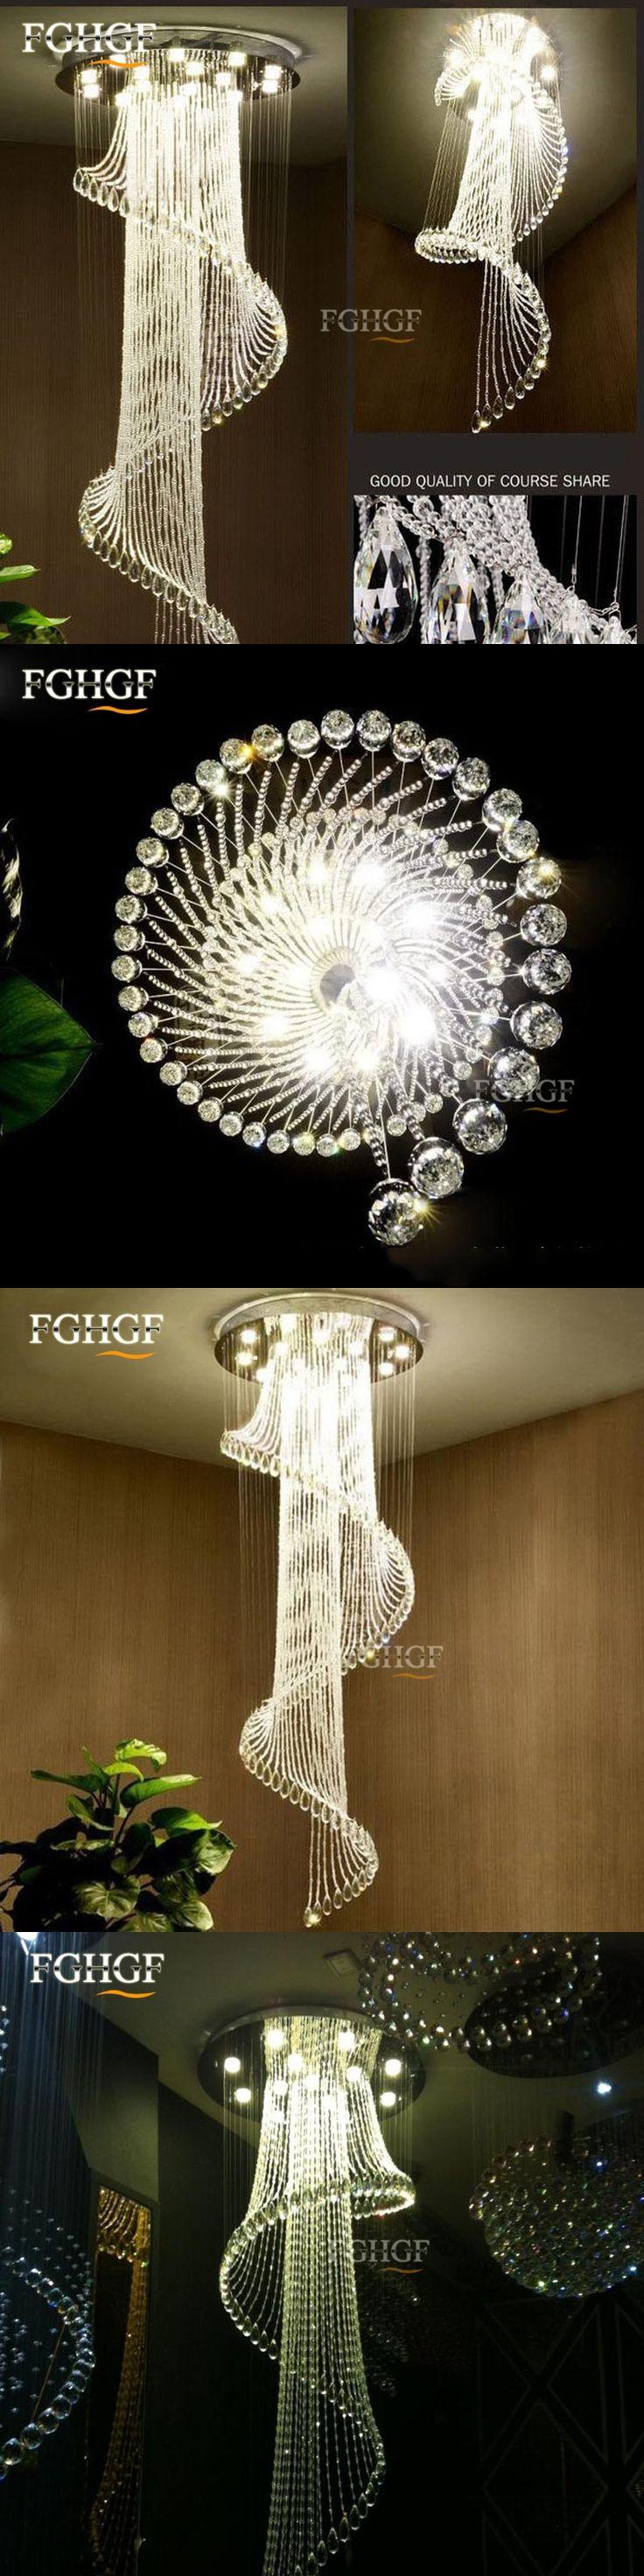 Best 25 foyer chandeliers ideas on Pinterest